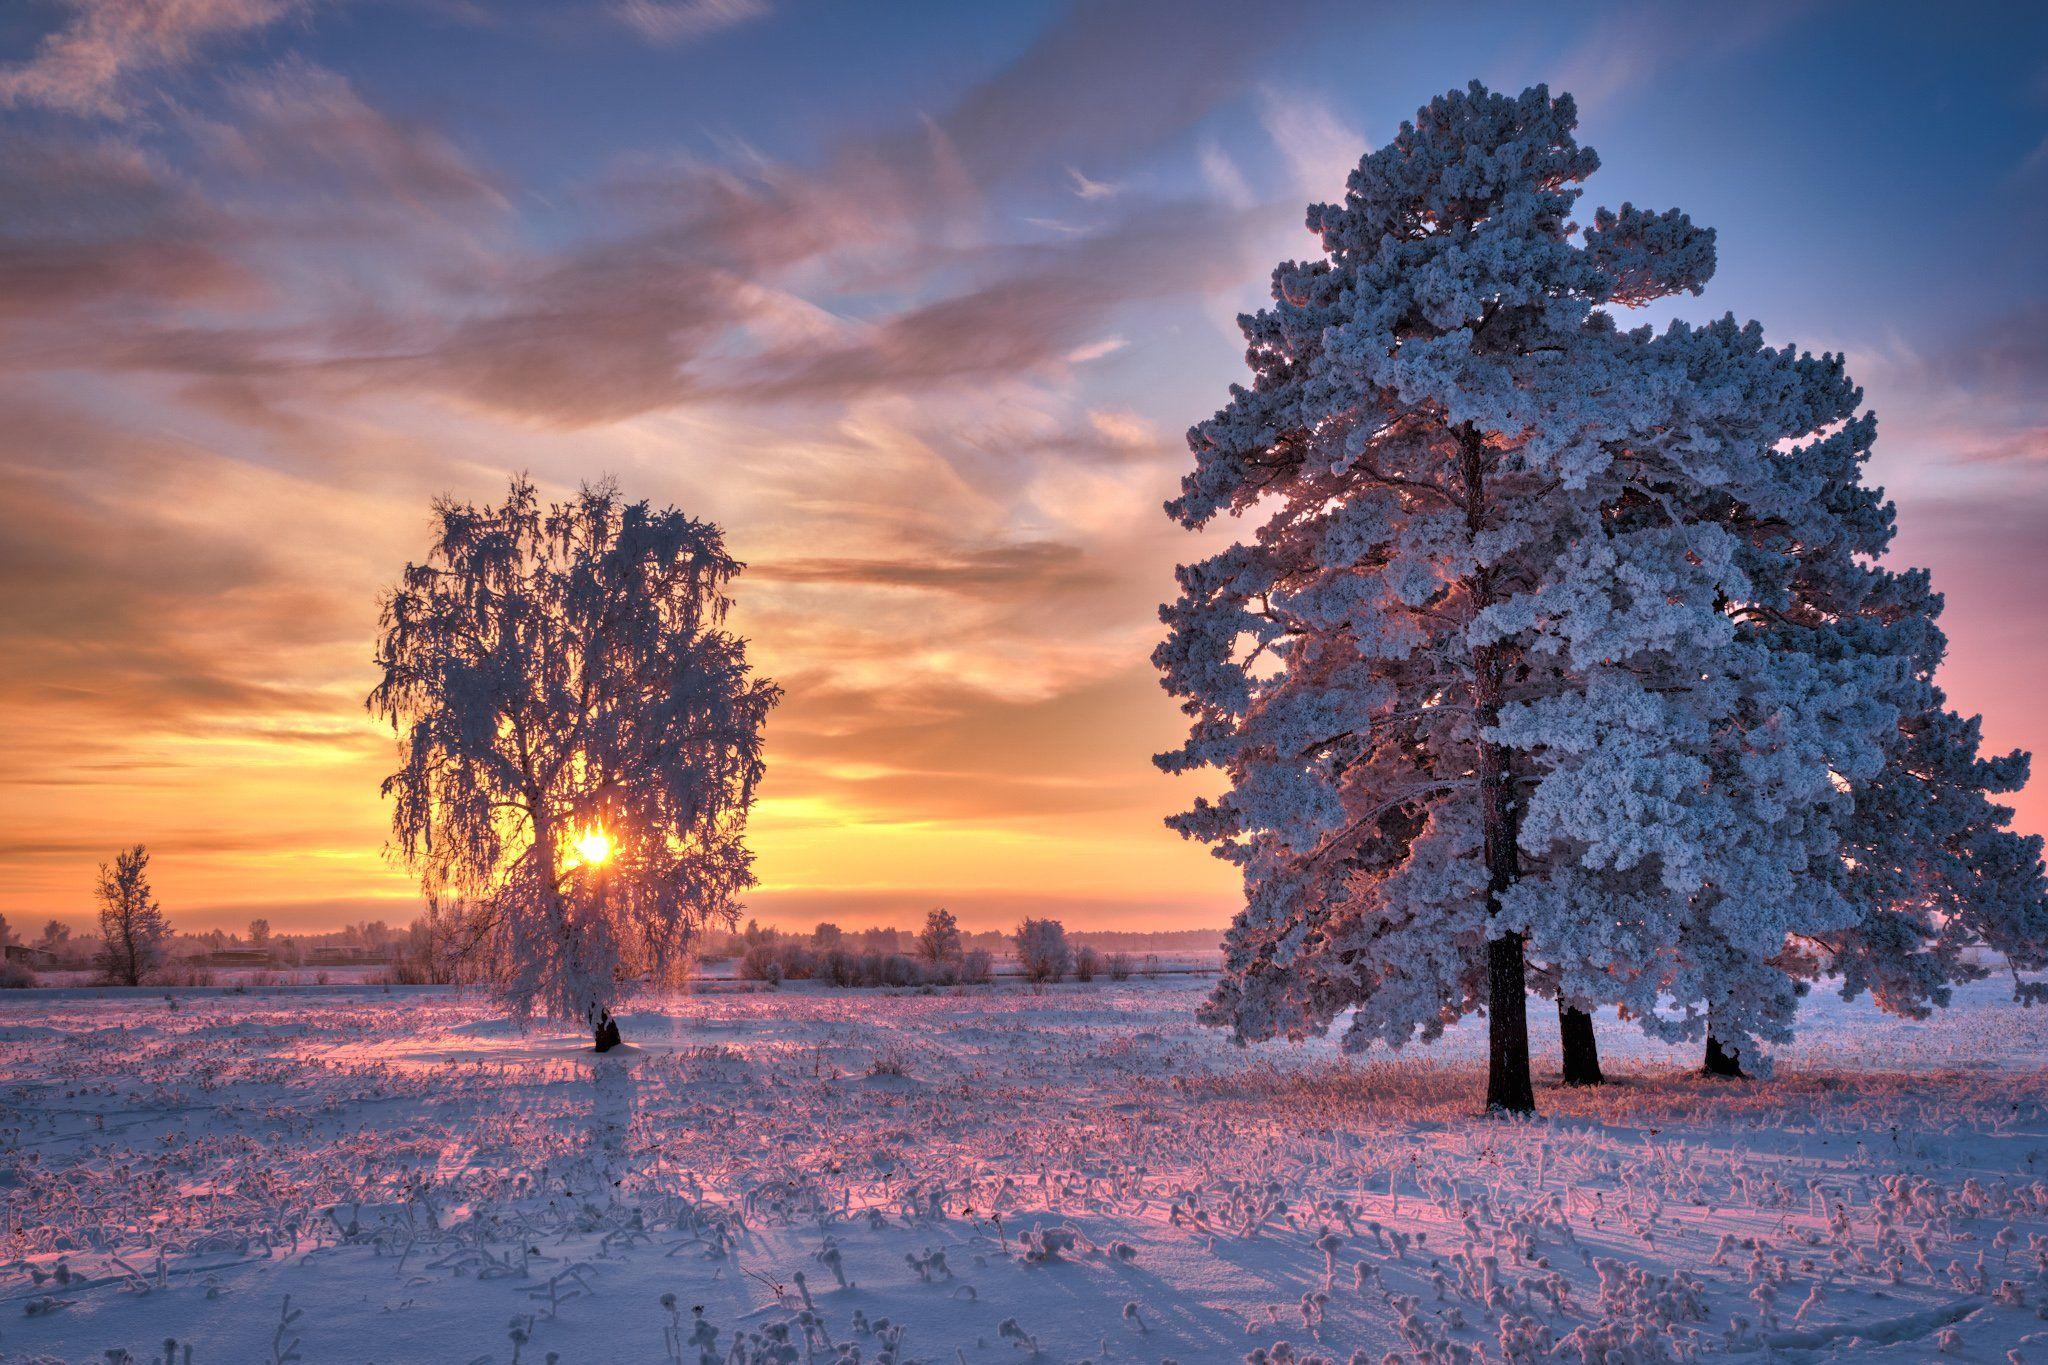 зимний пейзаж, зима, Константин Леонтьев